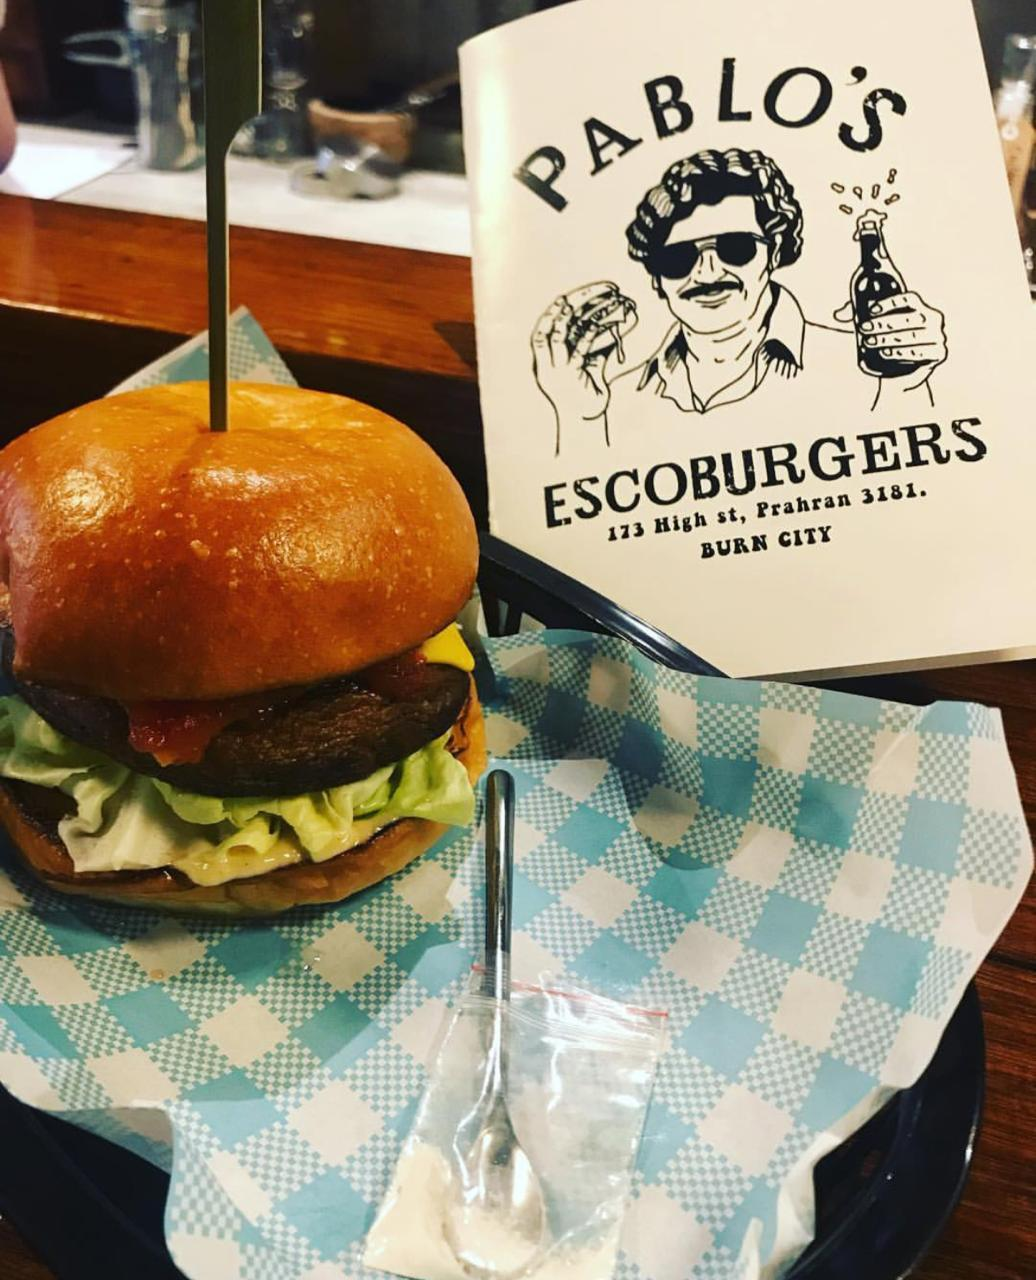 Lanchonete cria burger com cocaína falsa em homenagem a Escobar - Imagem 3